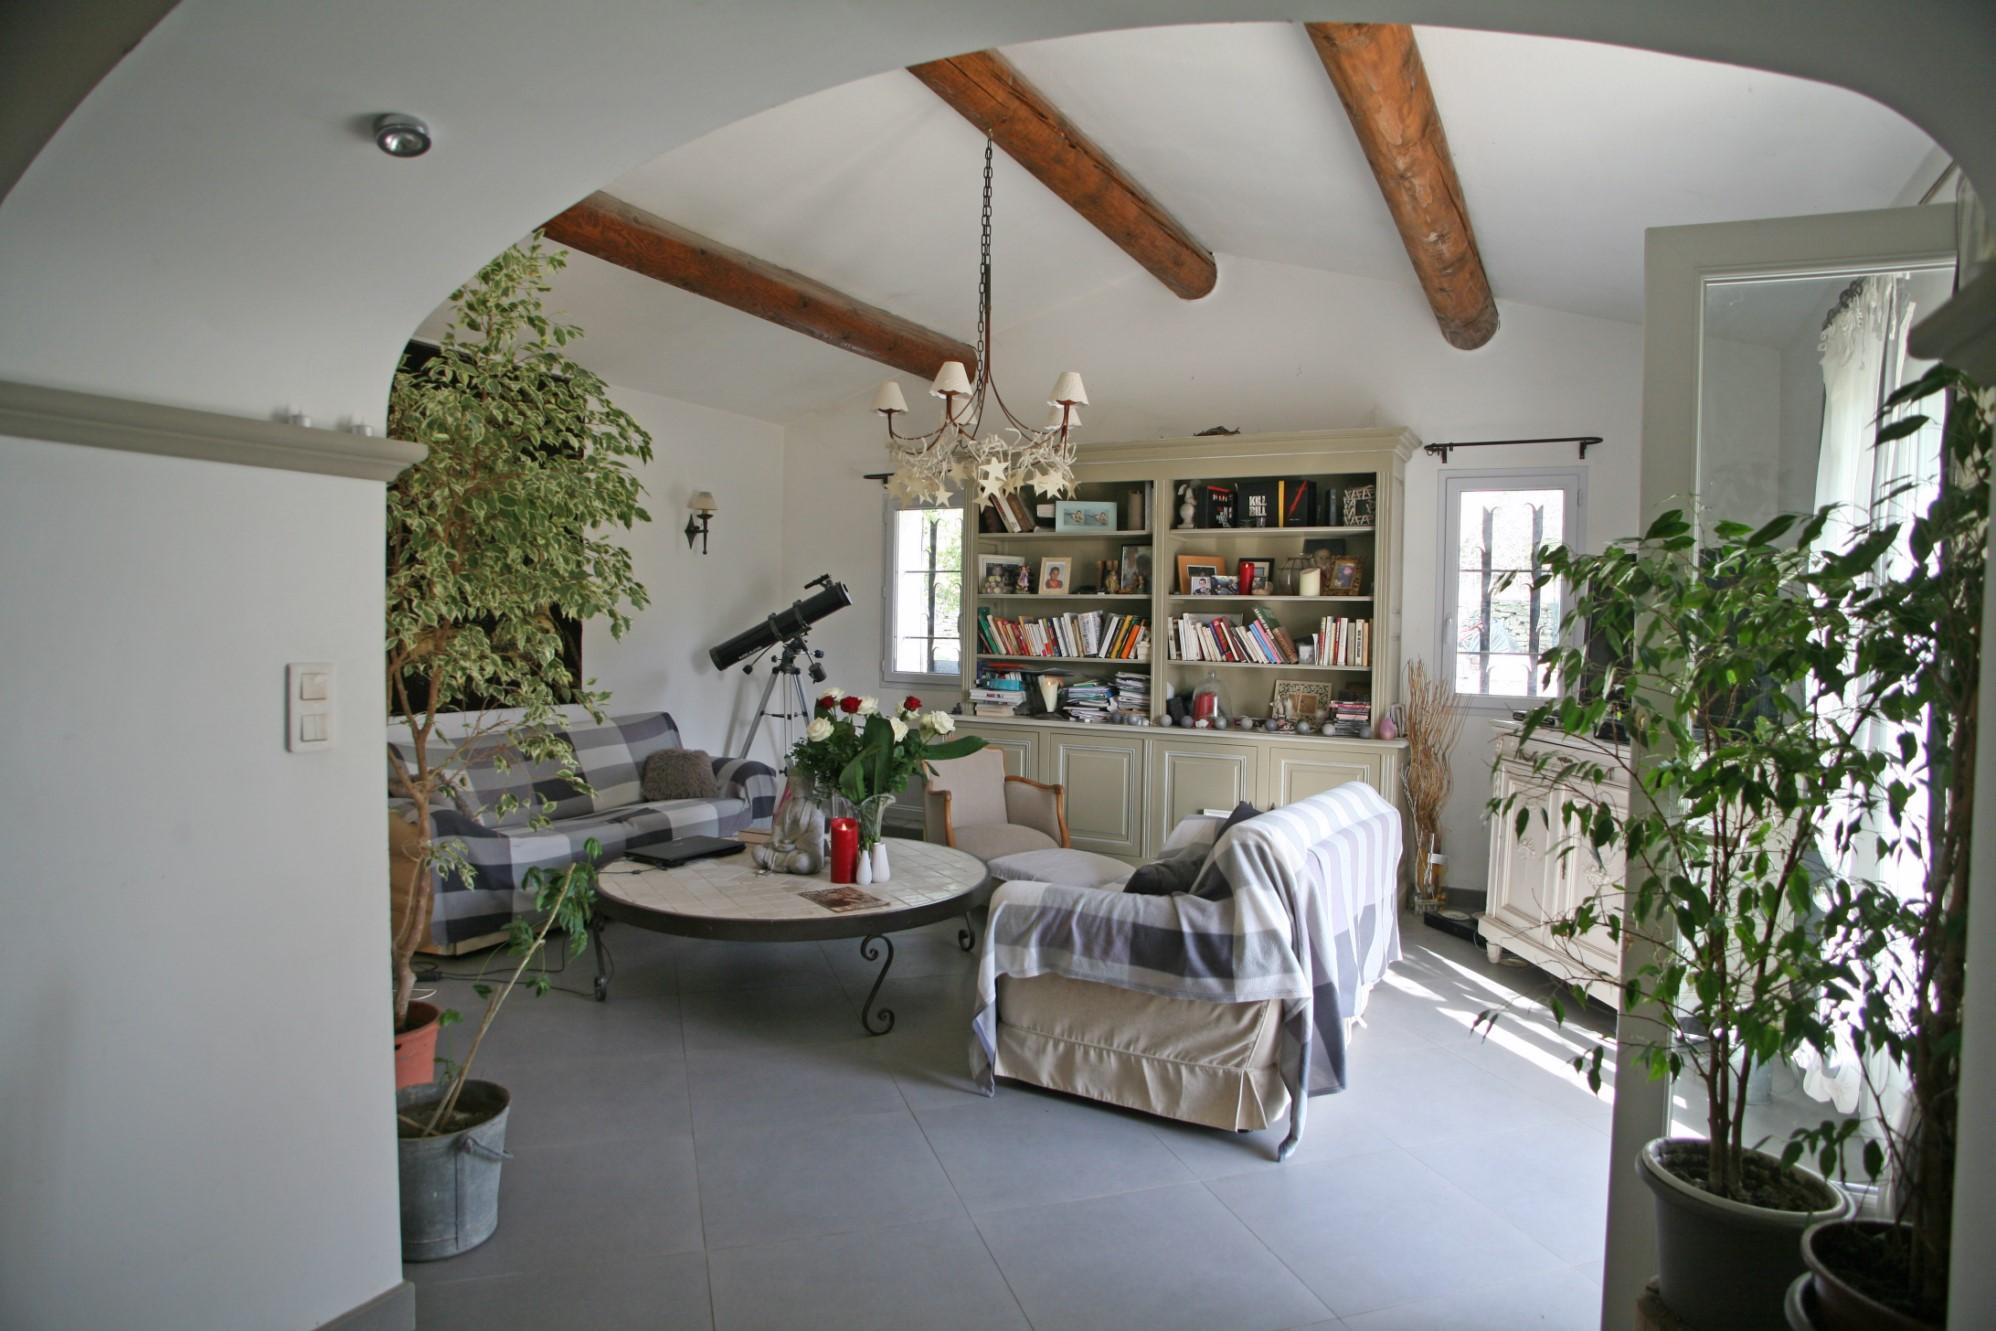 A vendre à Lagnes, maison traditionnelle sur beau terrain